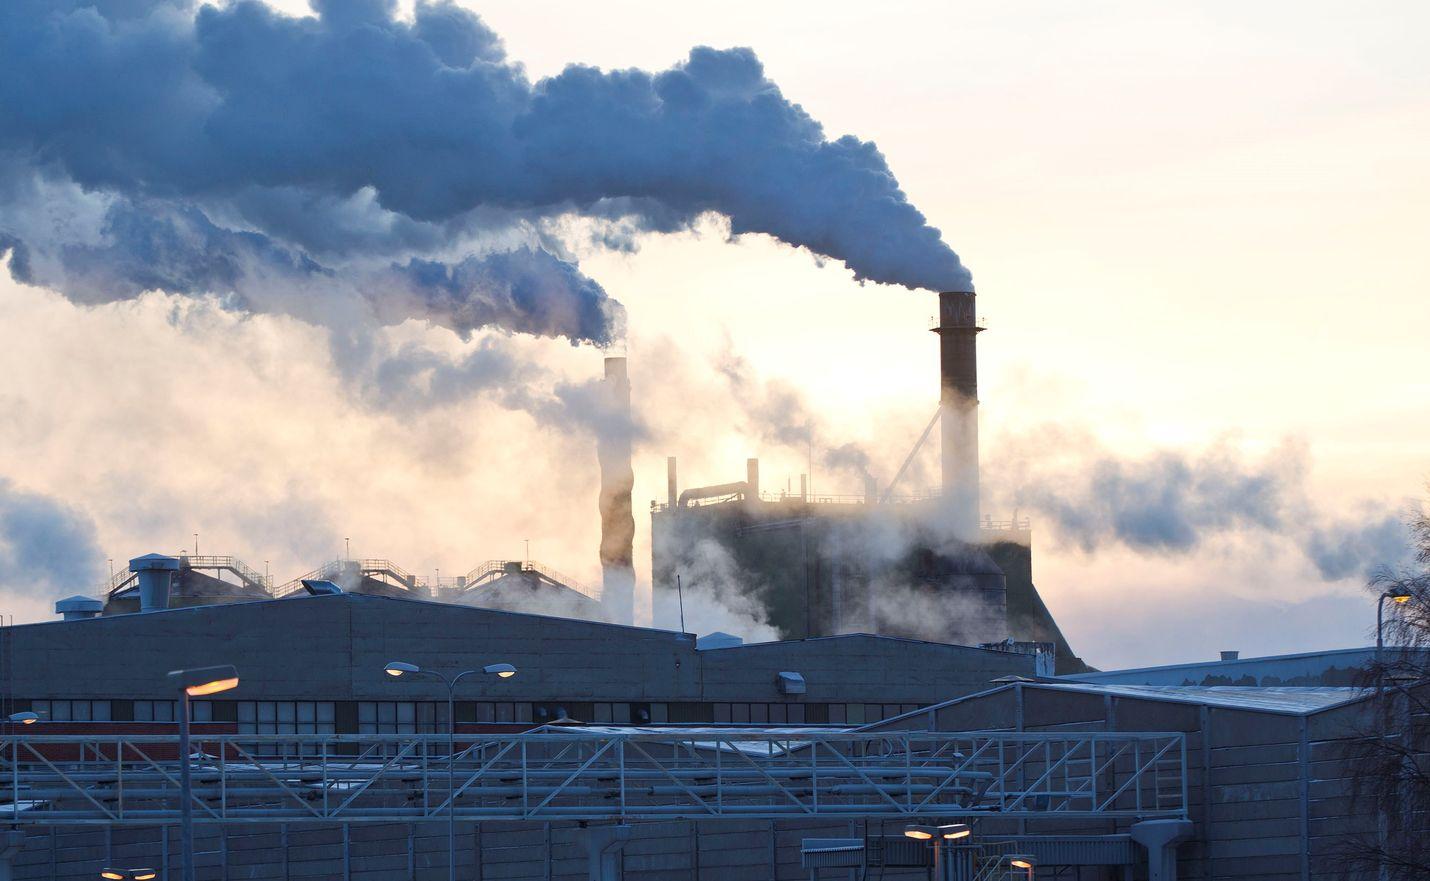 Vähäpäästöisten teknologioiden edelläkävijyys voi tuoda Suomelle huomattavaa kansainvälistä menestystä. Se edellyttää kuitenkin lisää panostuksia ja onnistumisia niiden kaupallistamisessa, EK:n selvityksessä huomautetaan.